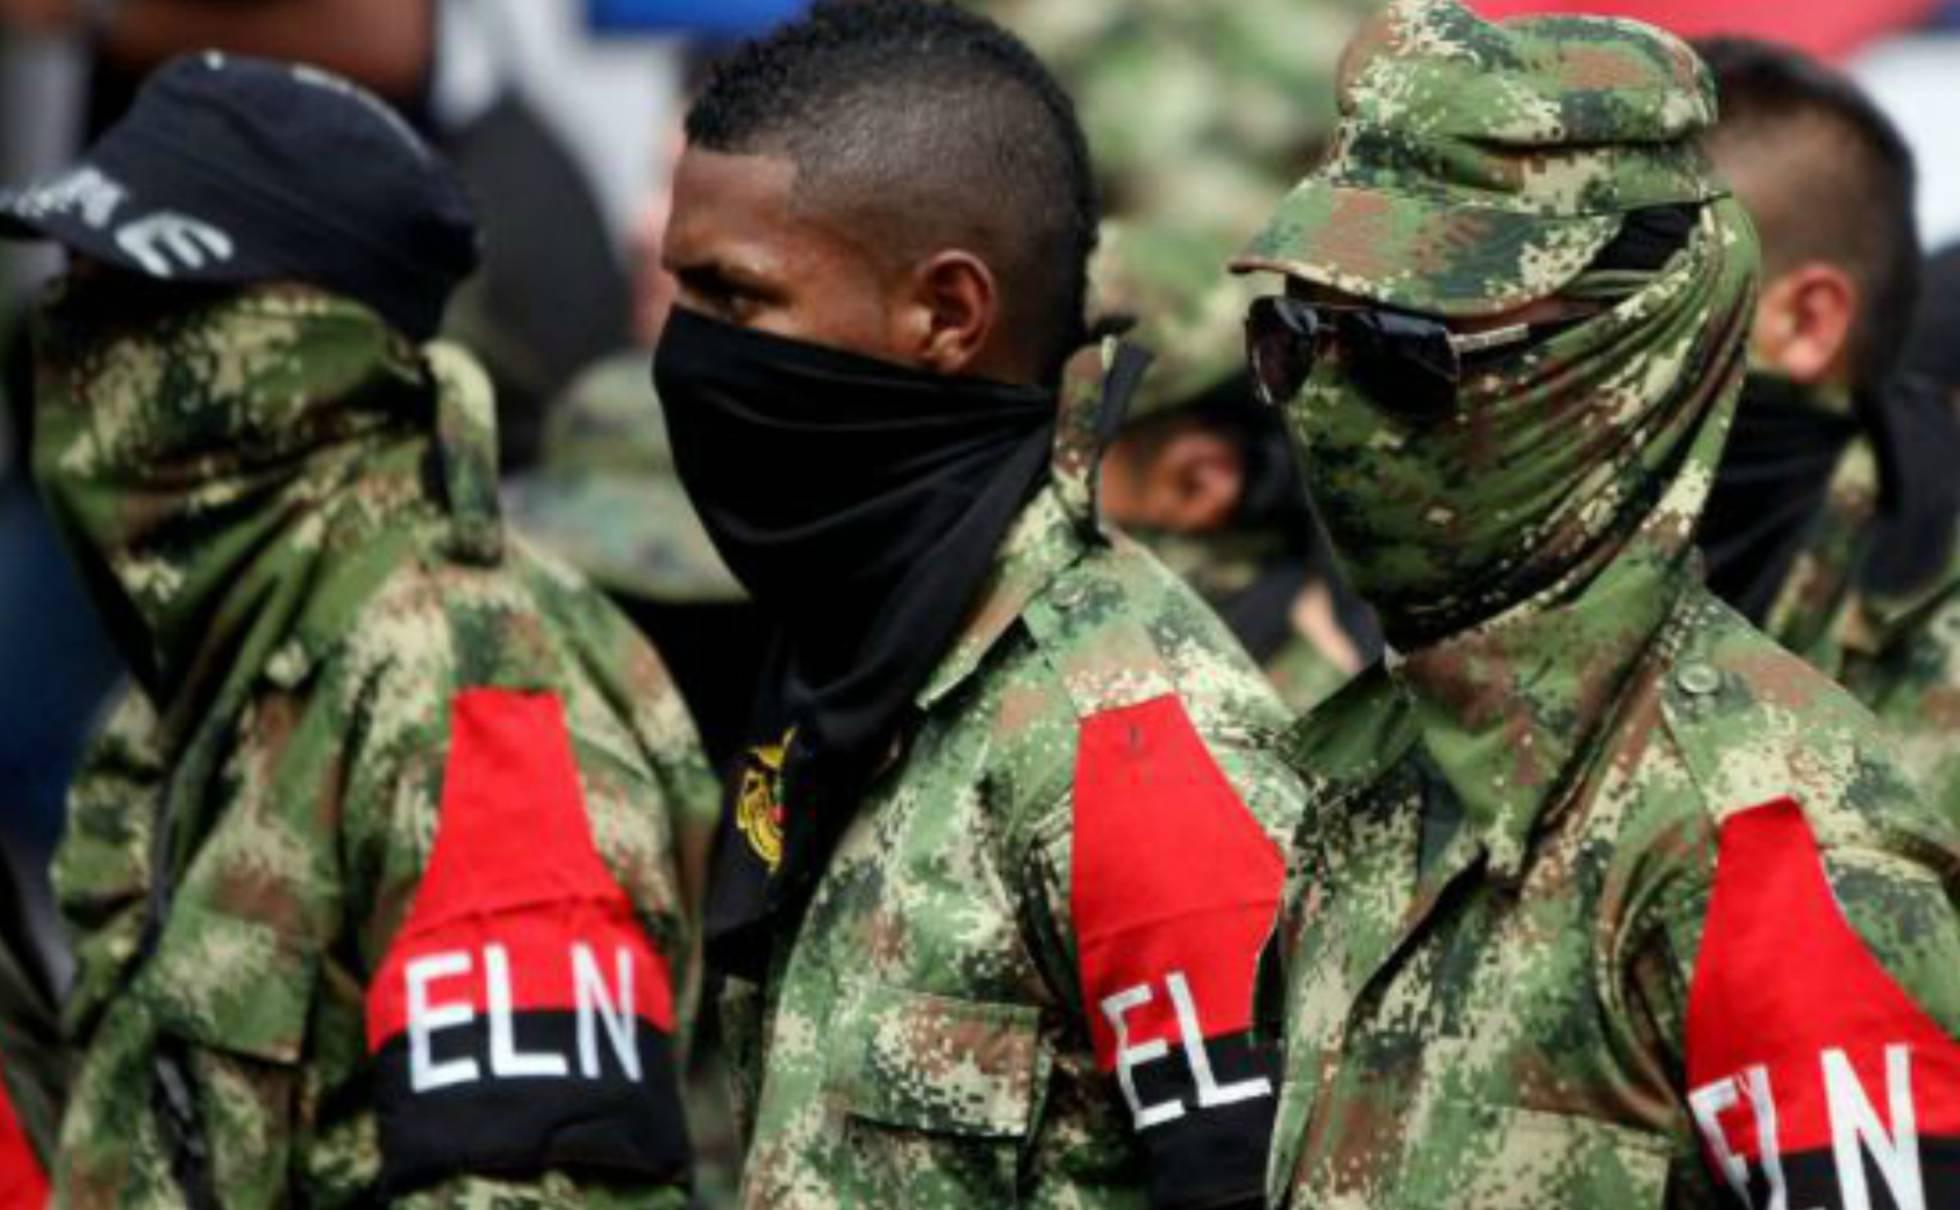 Colombia: represiones, terror, violaciones y esclavismo $. Propiedad agraria, Estado, FARC, ELN. Luchas de clases - Página 5 1484756154_423002_1484758213_noticia_normal_recorte1